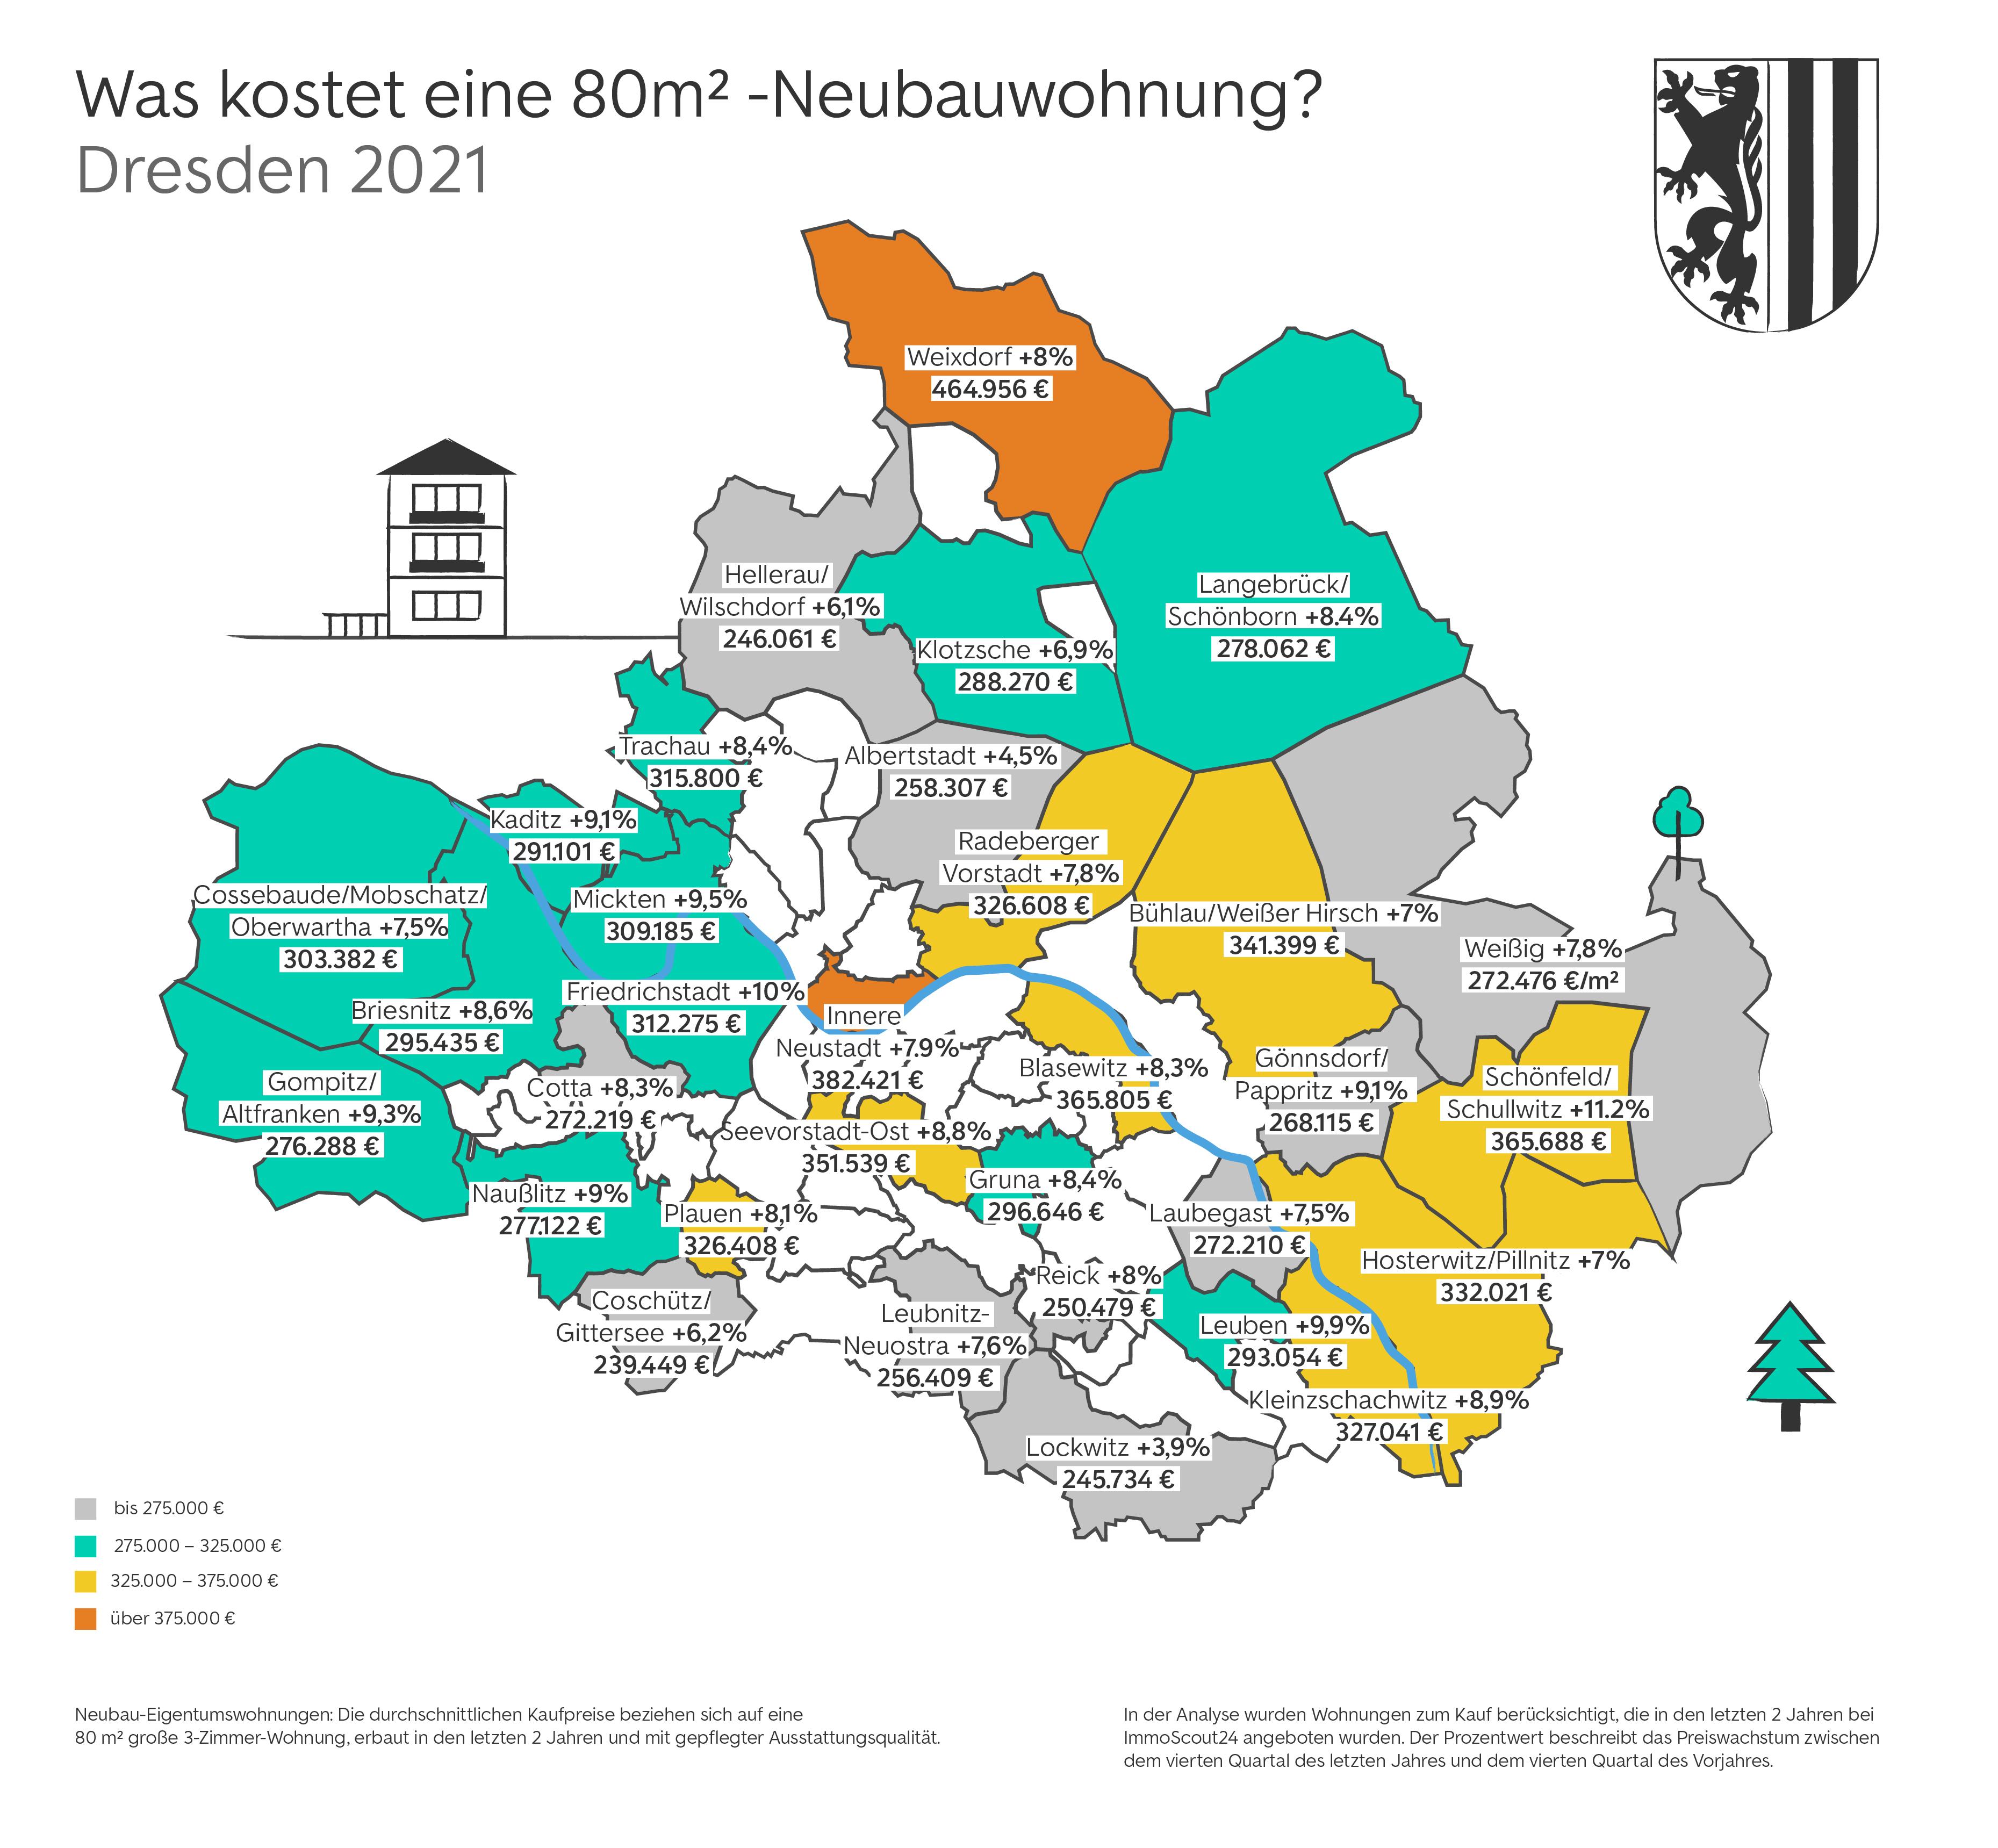 Neubau-Preisanalyse 2021 für Dresden und Umland - ImmoScout24